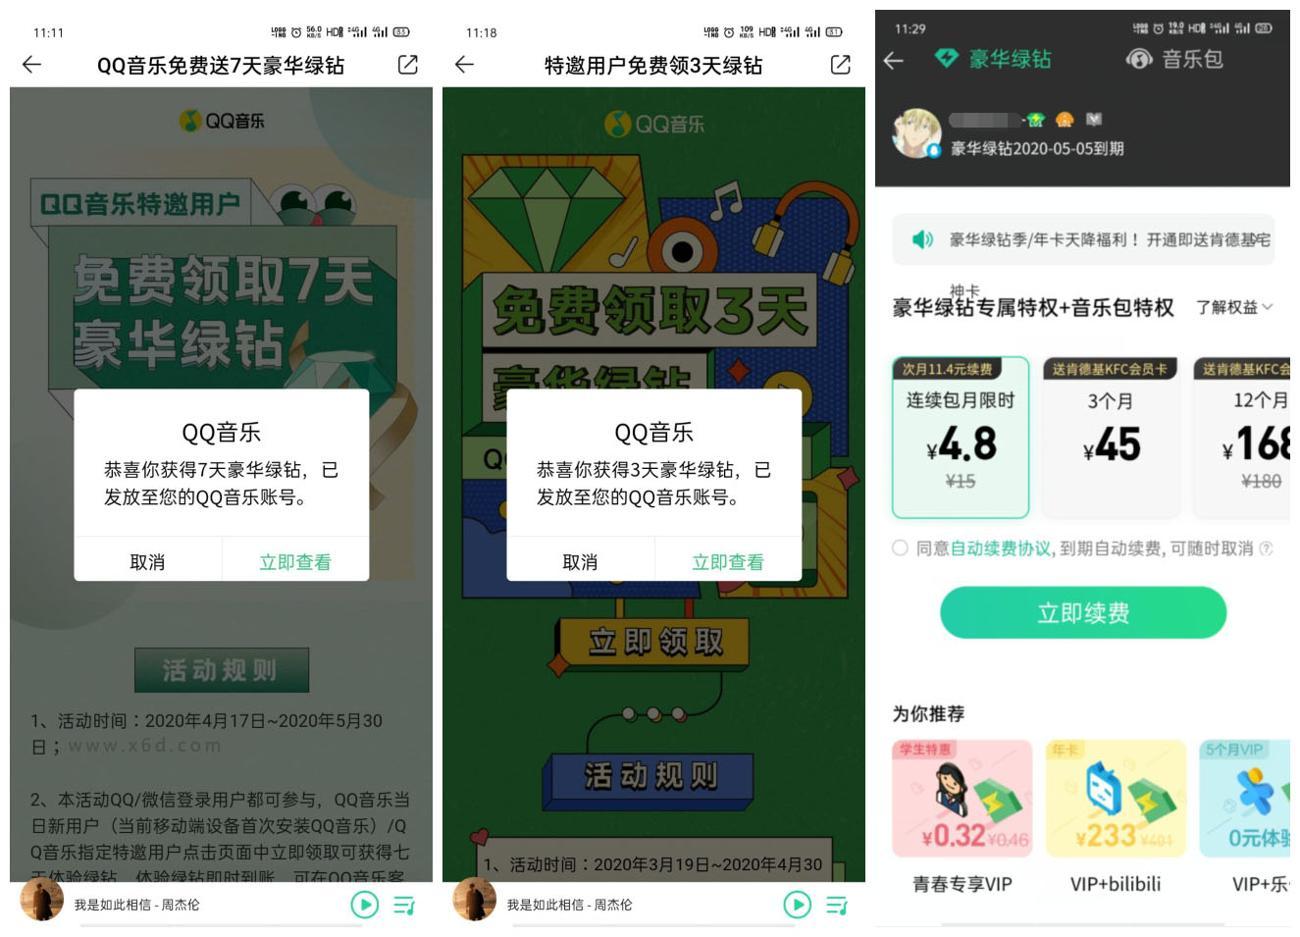 QQ音乐领取10~31天豪华绿钻